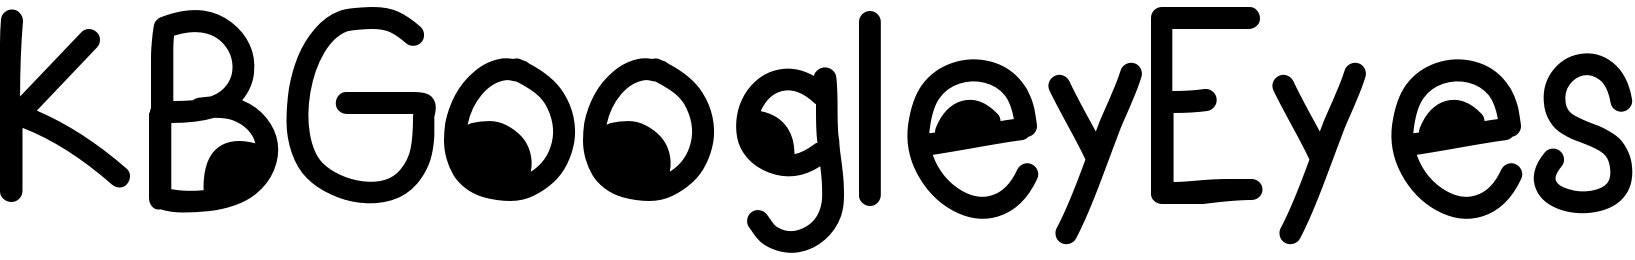 KBGoogleyEyes